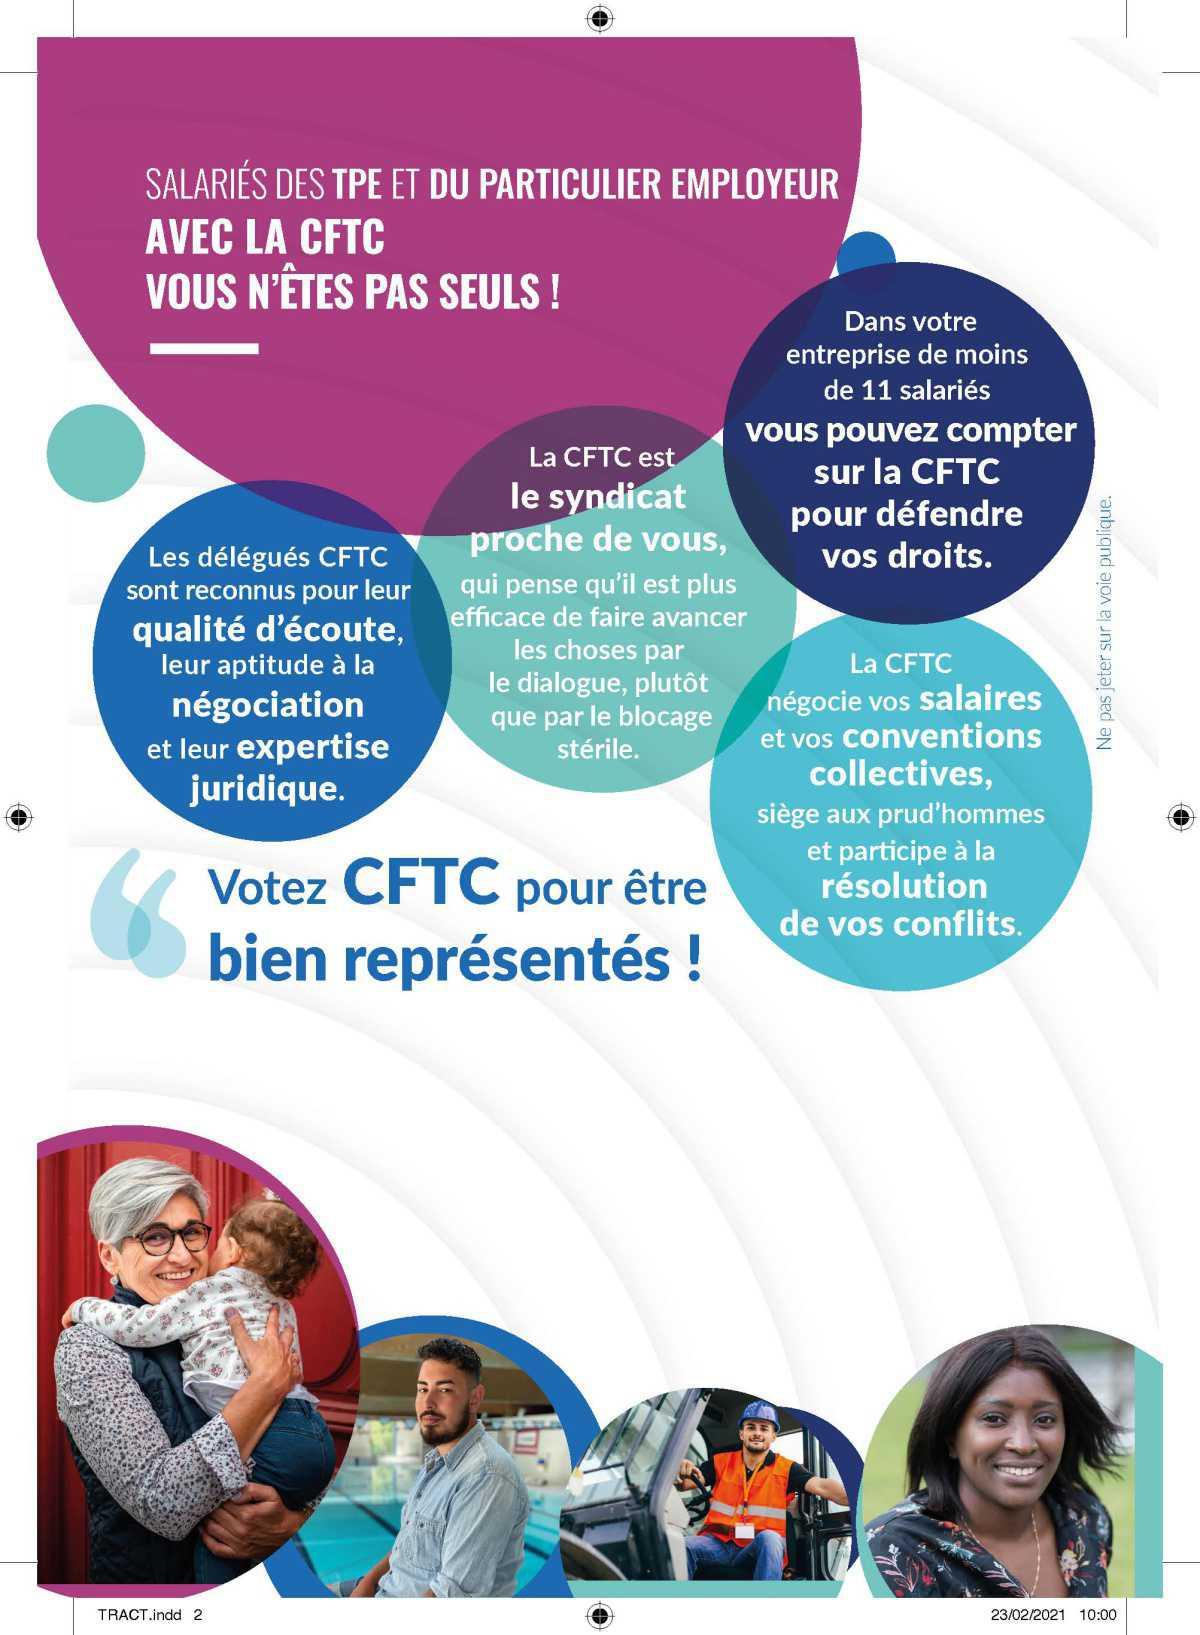 Election TPE, La CFTC pour vous accompagner.